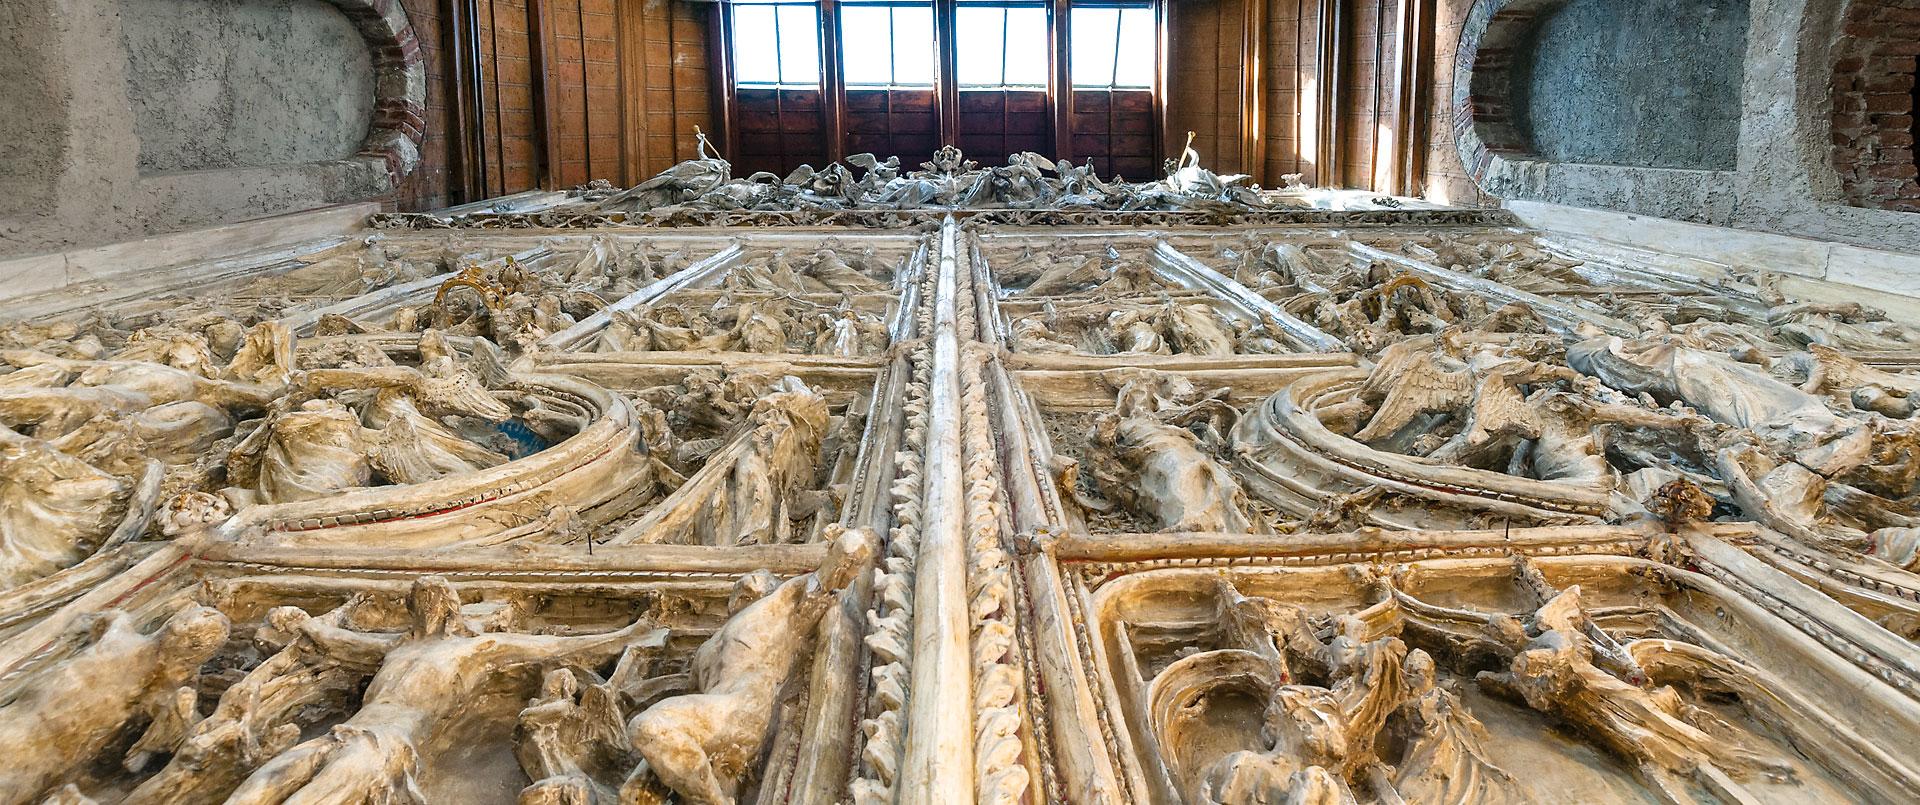 L'originale in gesso della porta del Duomo di Milano nella